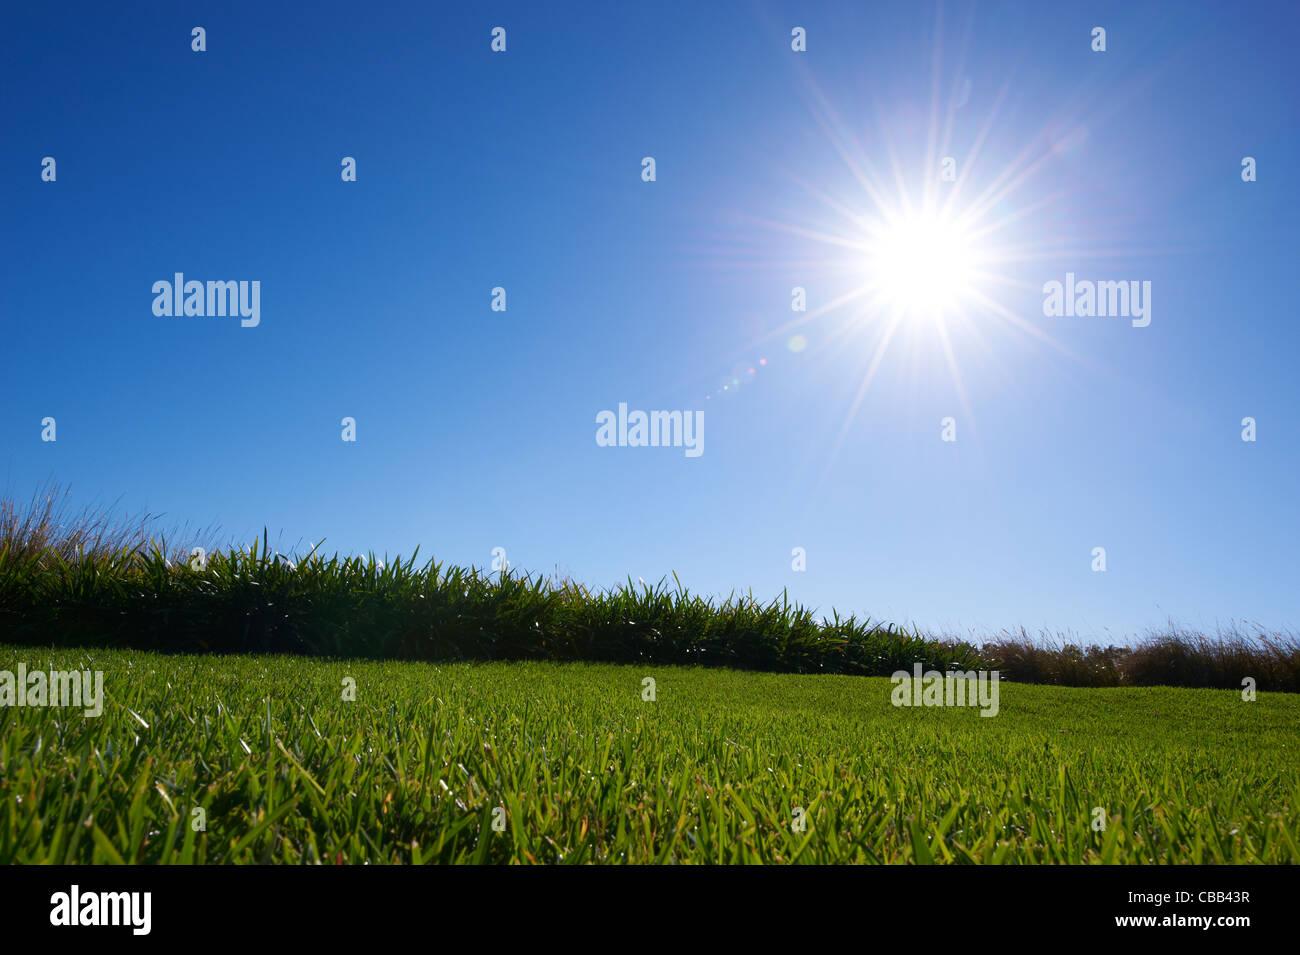 Saftig grünen Rasen sonnigen blauen Himmel Stockbild